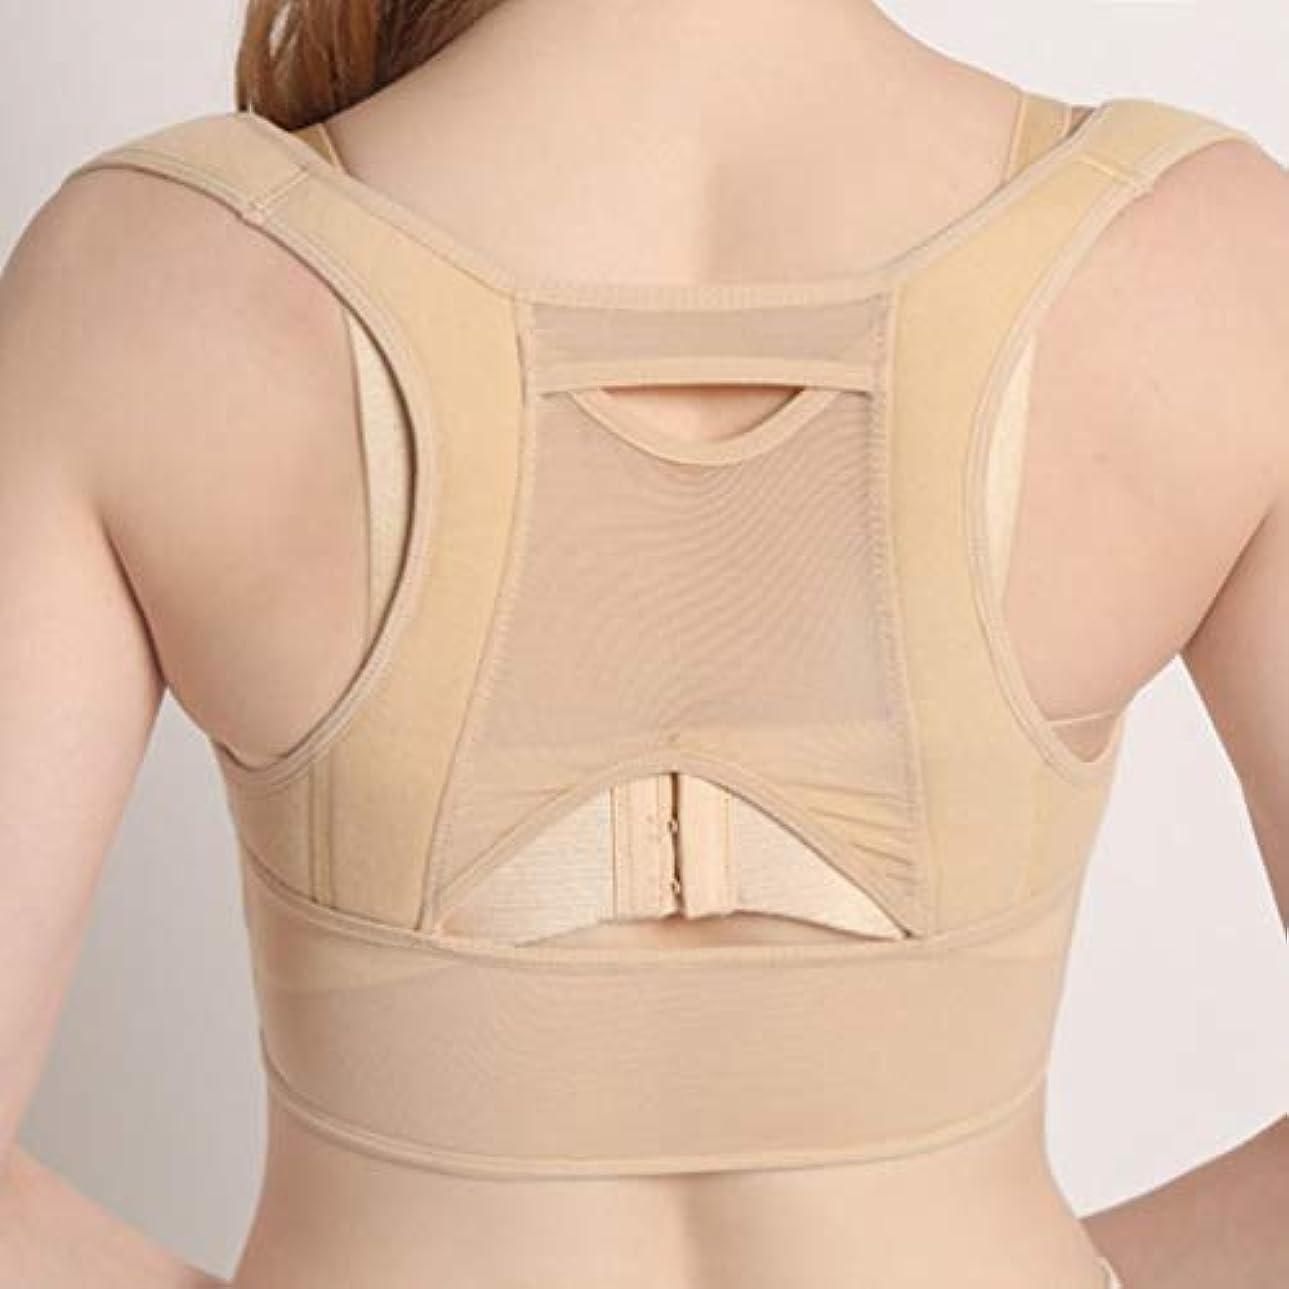 マリナー近代化ピストル通気性のある女性の背中の姿勢矯正コルセット整形外科の肩の背骨の姿勢矯正腰椎サポート - ベージュホワイトM